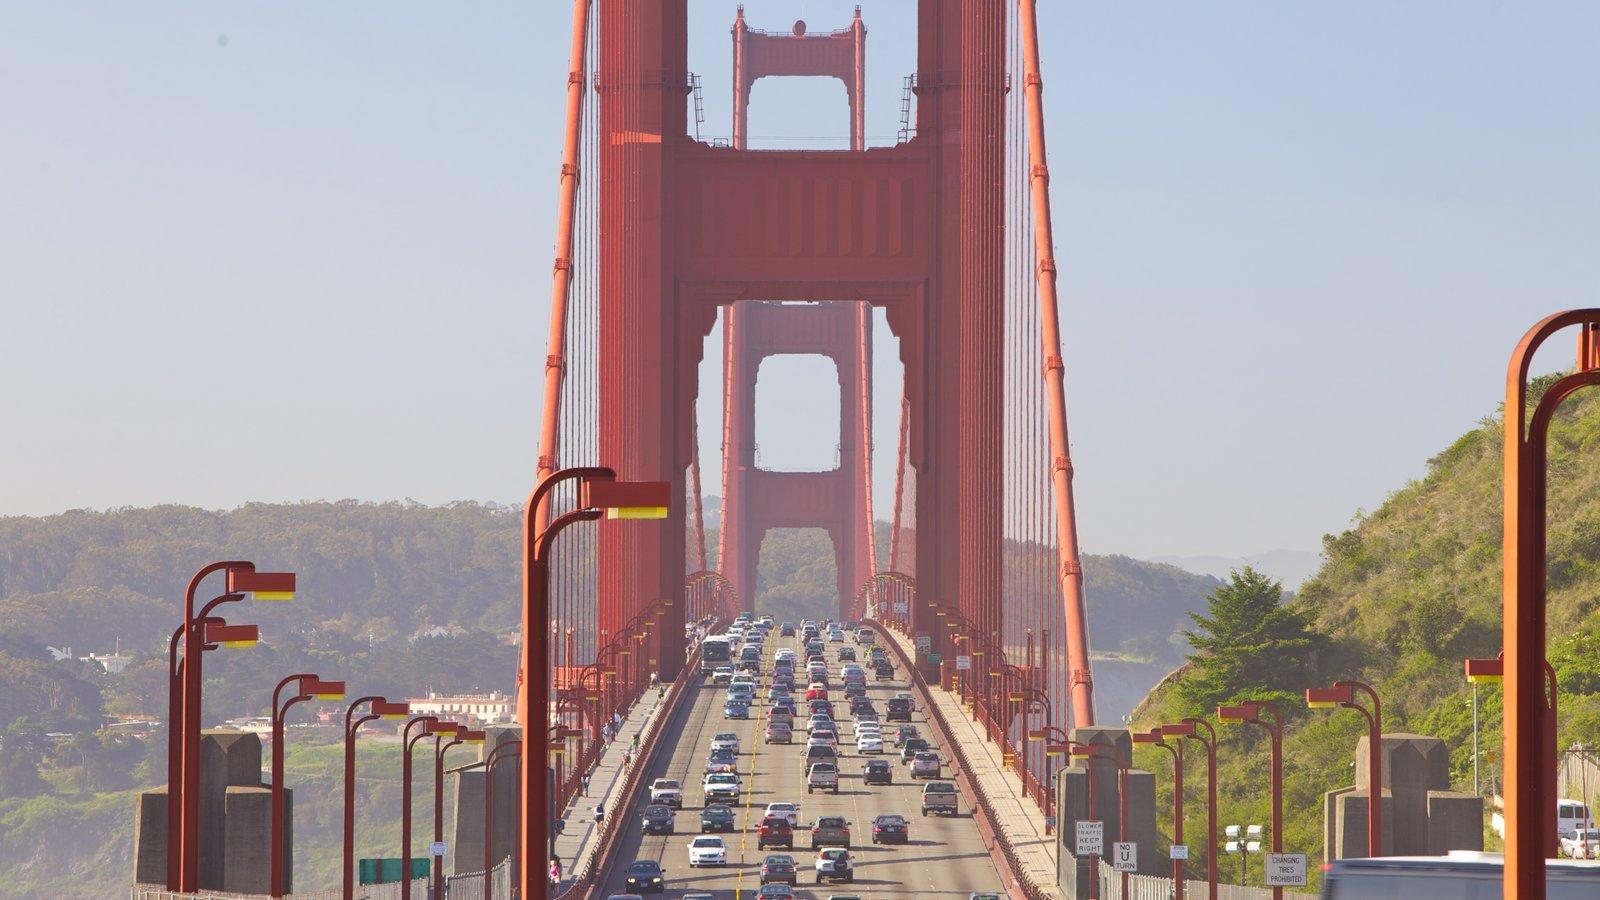 Golden Gate Bridge caracterizando uma cidade e uma ponte